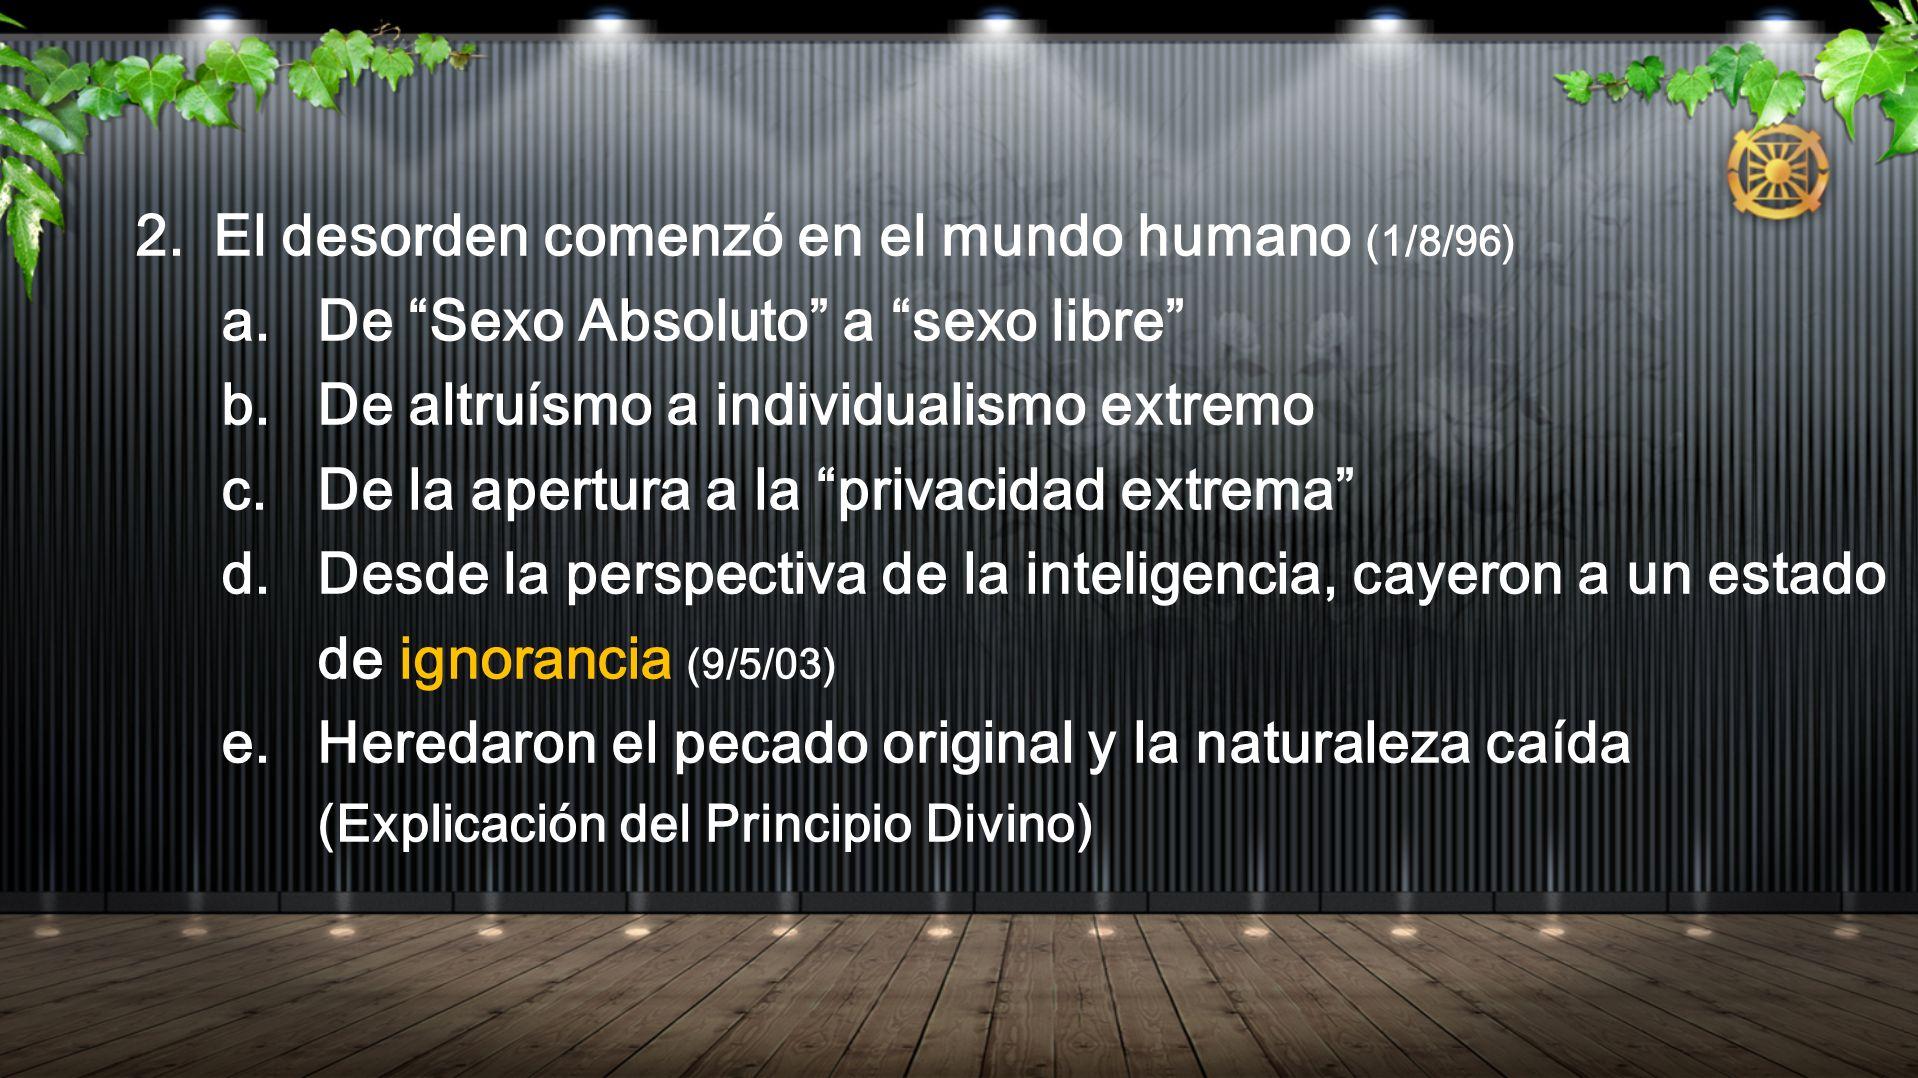 2.El desorden comenzó en el mundo humano (1/8/96) a.De Sexo Absoluto a sexo libre b. De altruísmo a individualismo extremo c. De la apertura a la priv